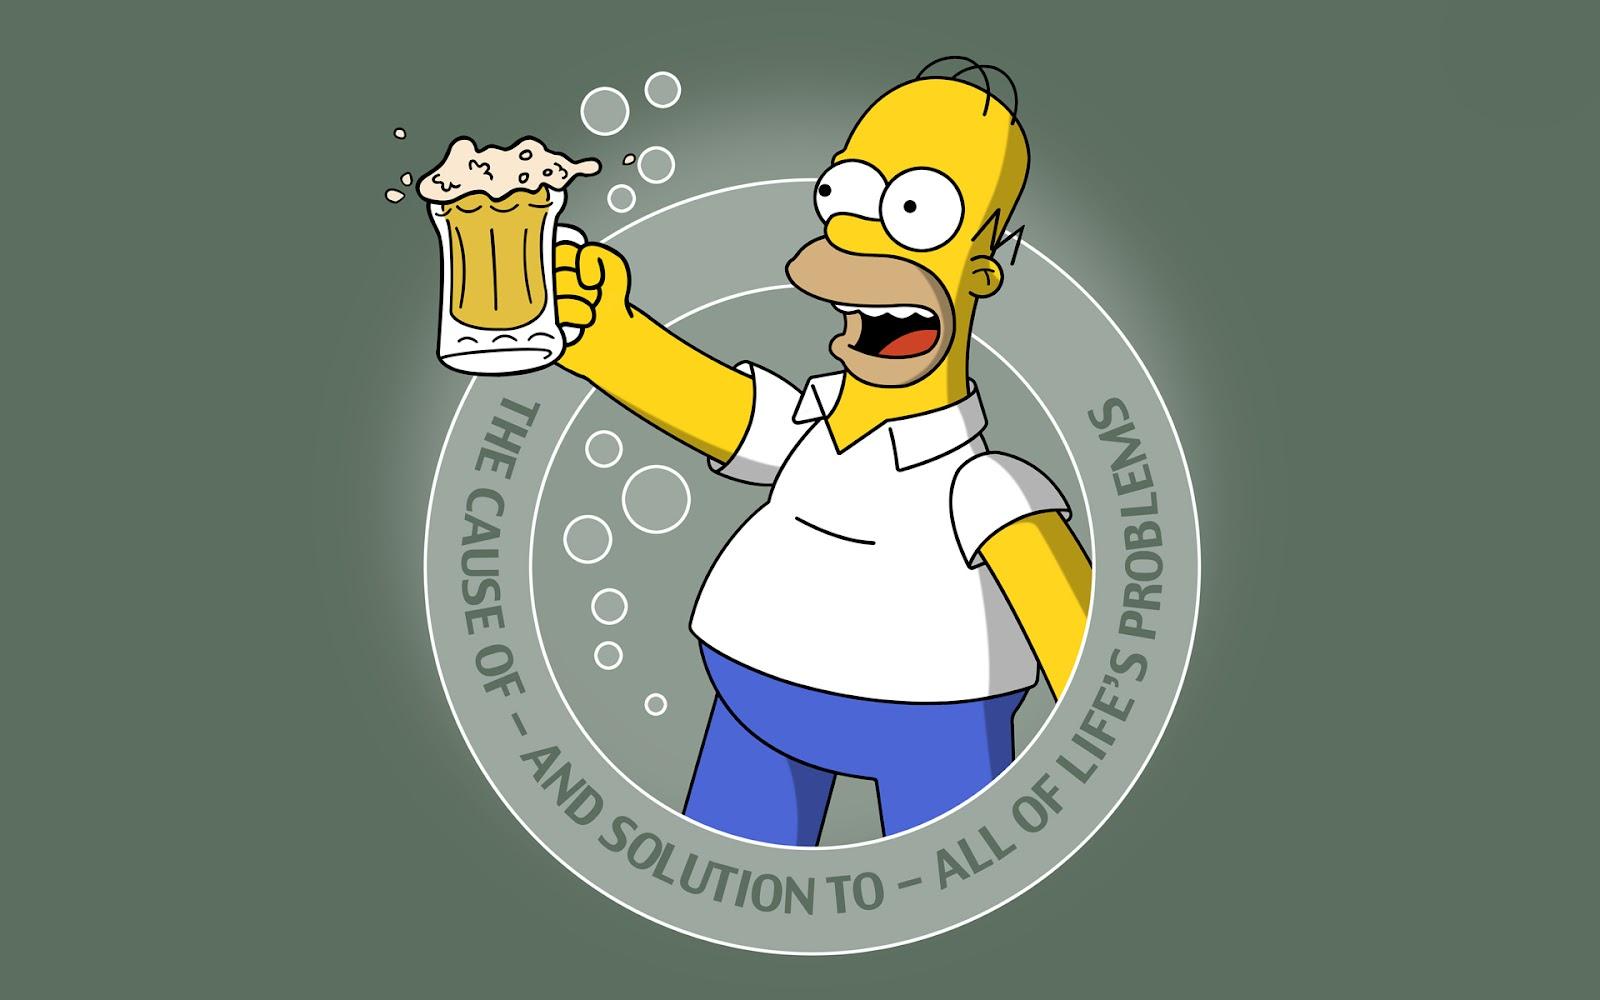 4 dagar kvar - Homer simpson nu ...